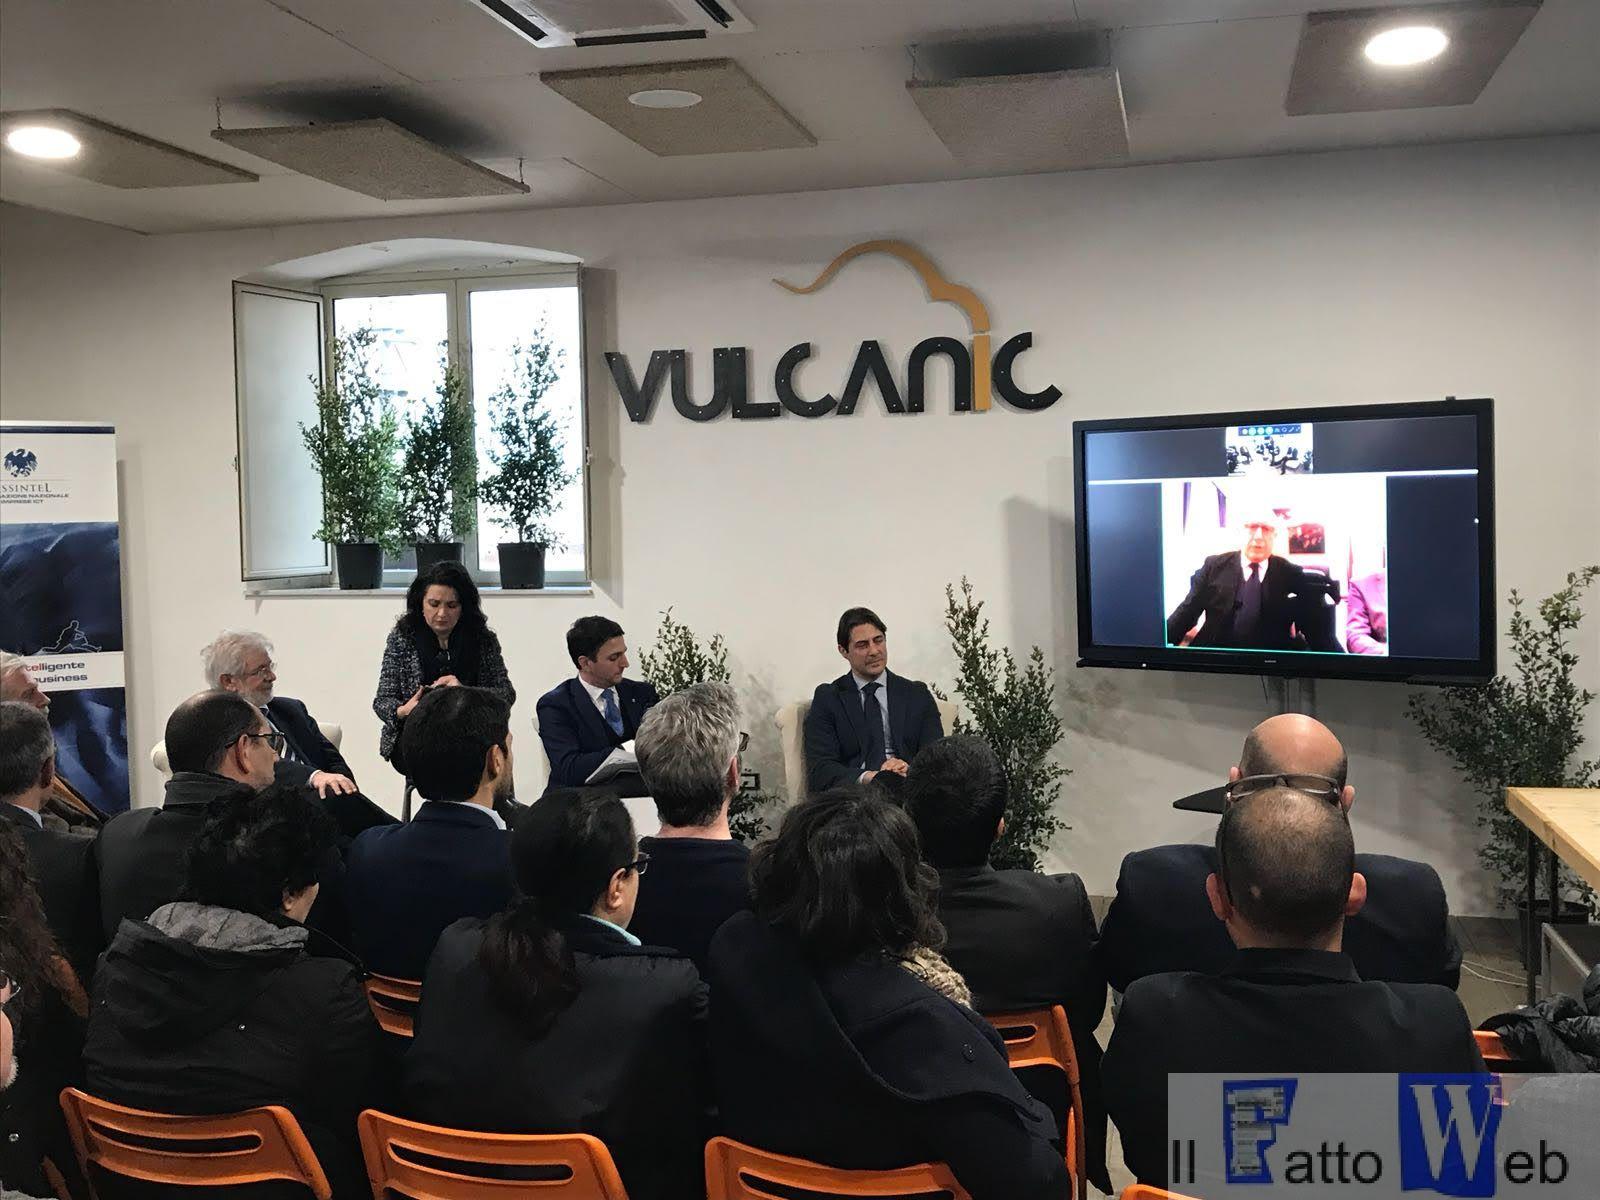 """La promessa di Armao per i 30anni di Assintel su Agenda digitale Sicilia: """"Entro i primi di febbraio modificheremo alcuni punti"""""""